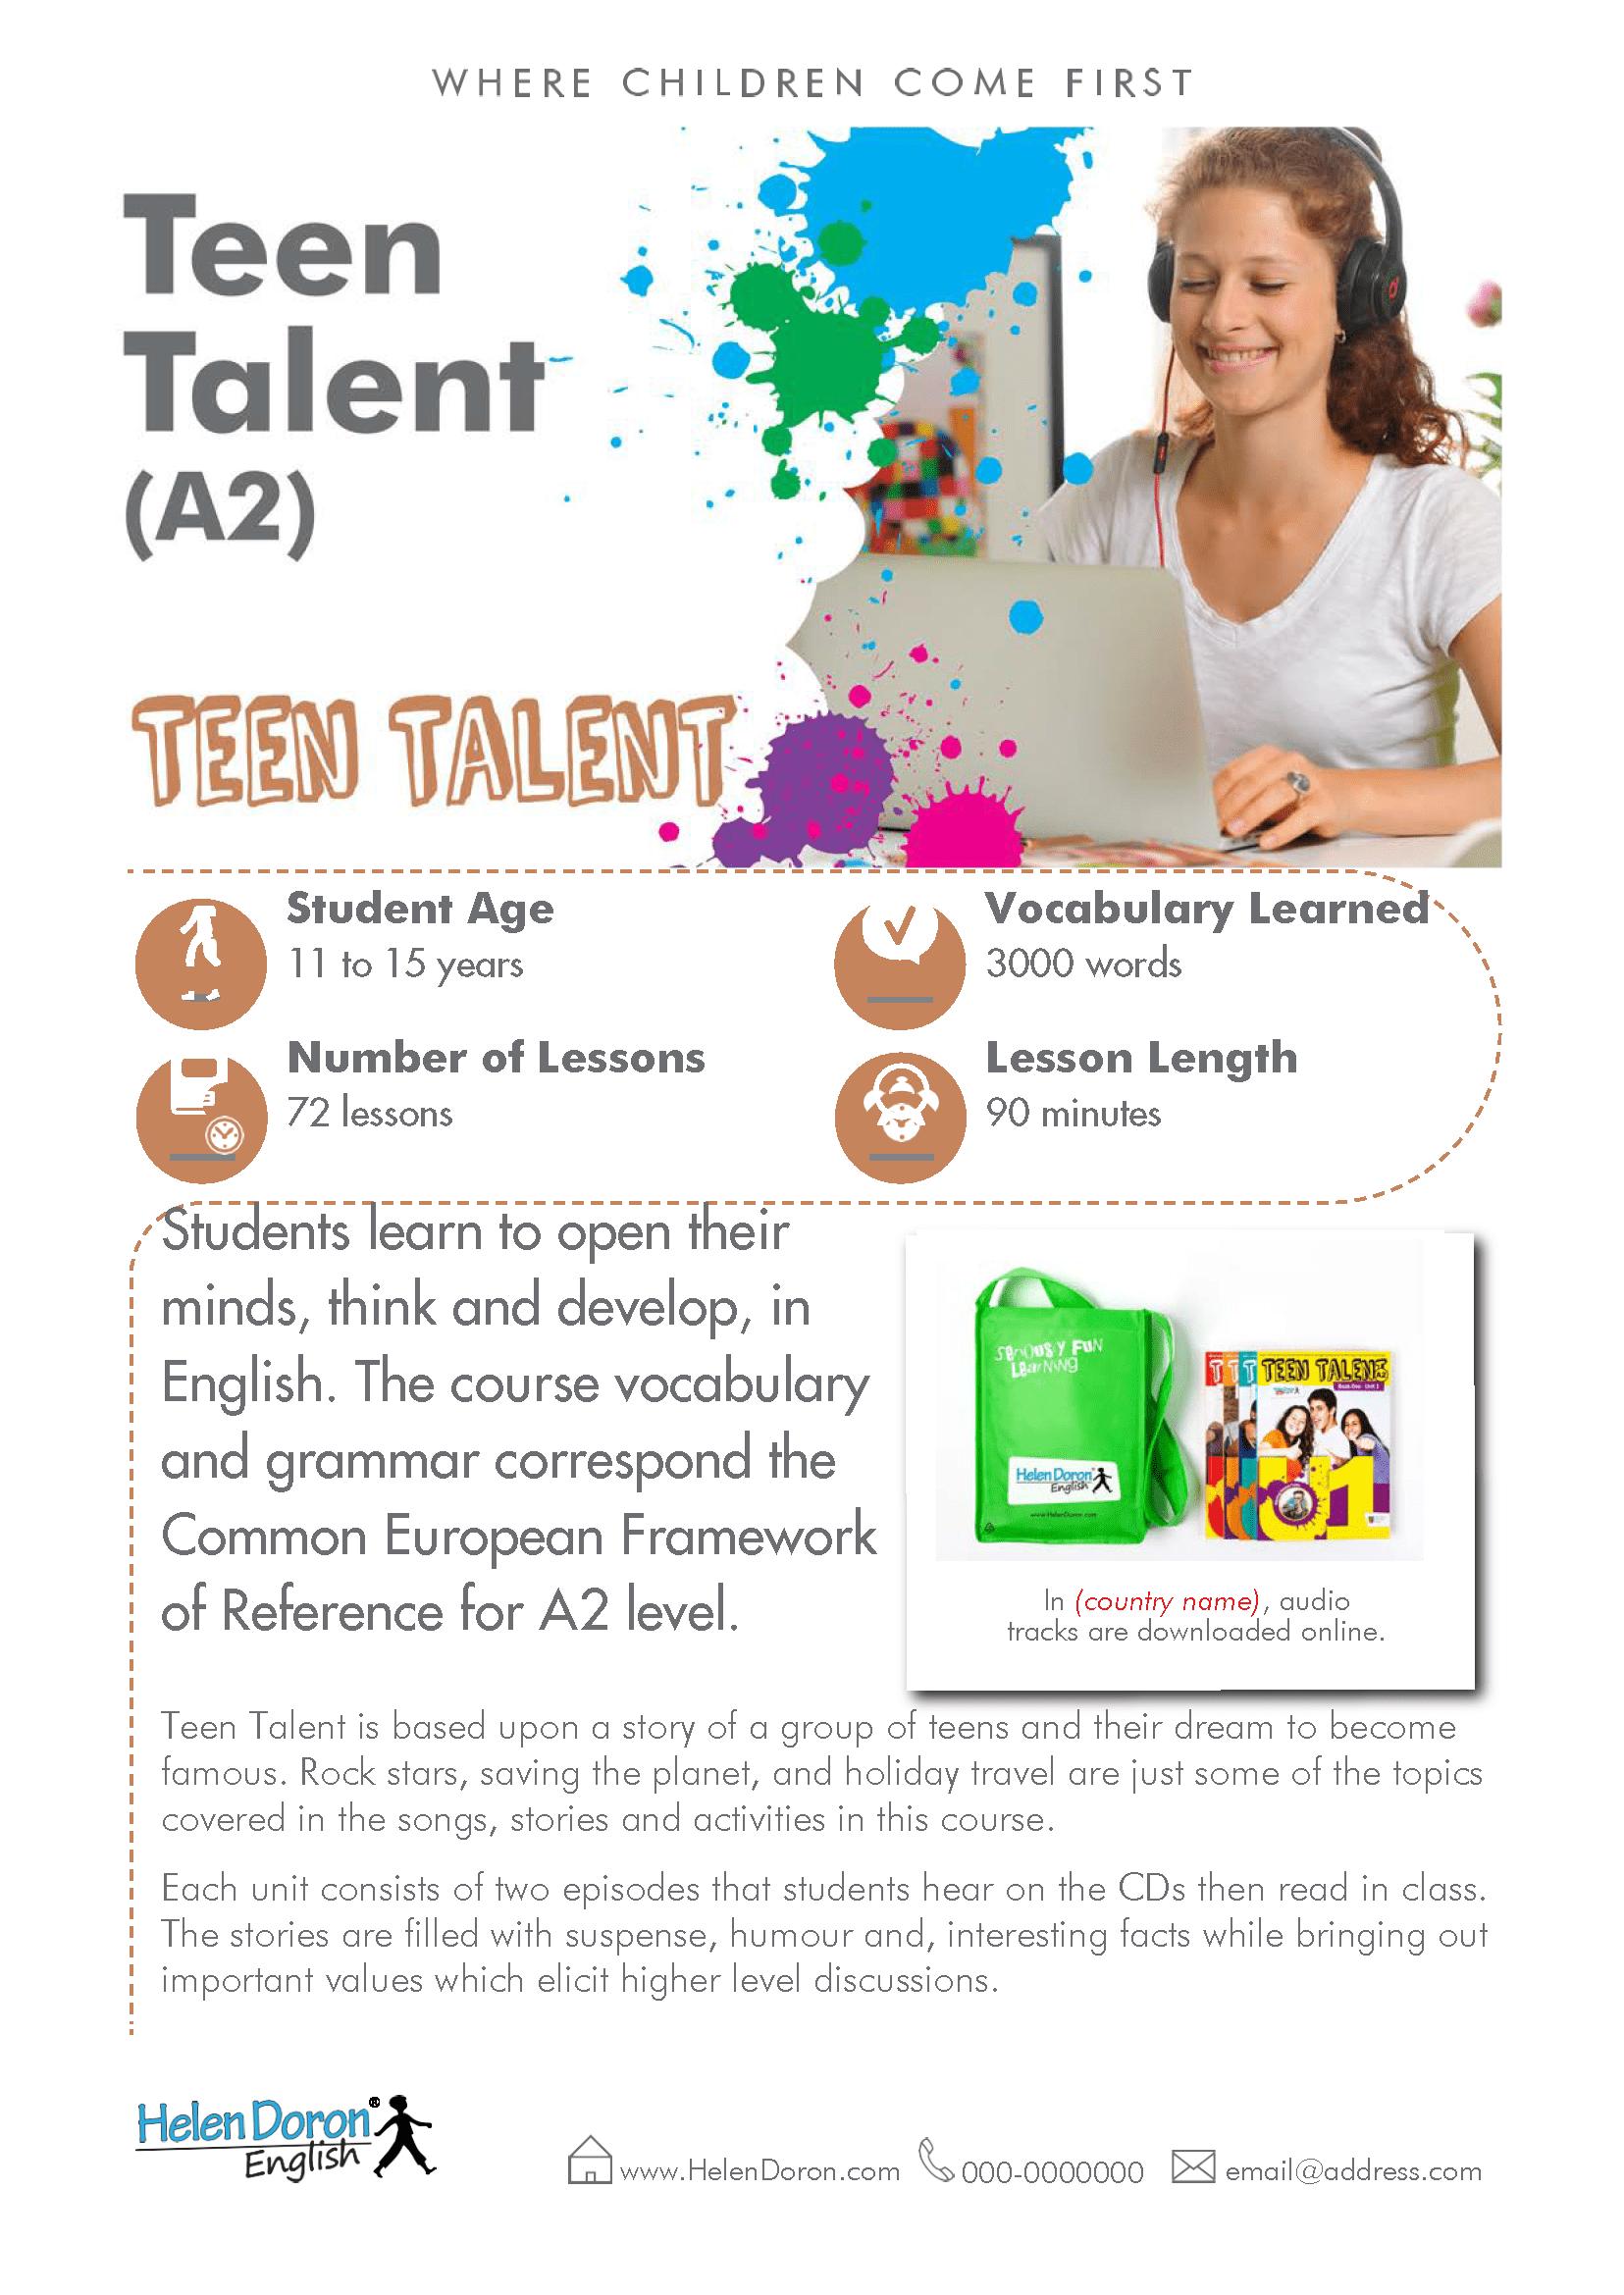 Download - Teen Talent (A2)